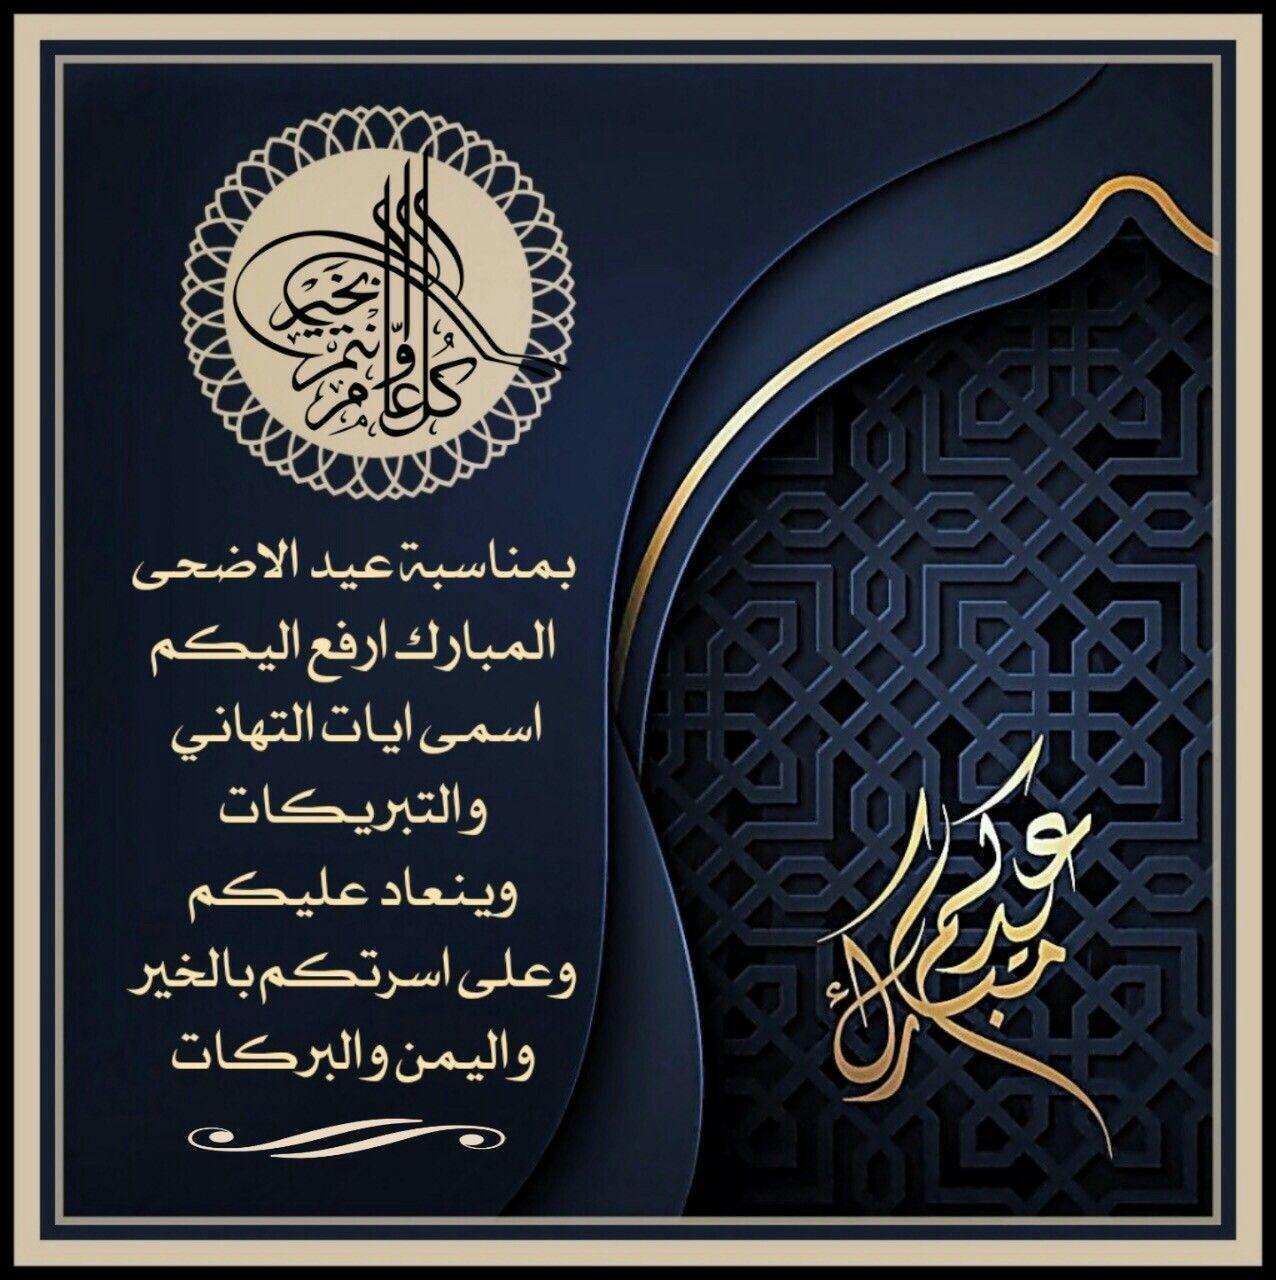 الاضحى Eid Cards Eid Greetings Eid Photos